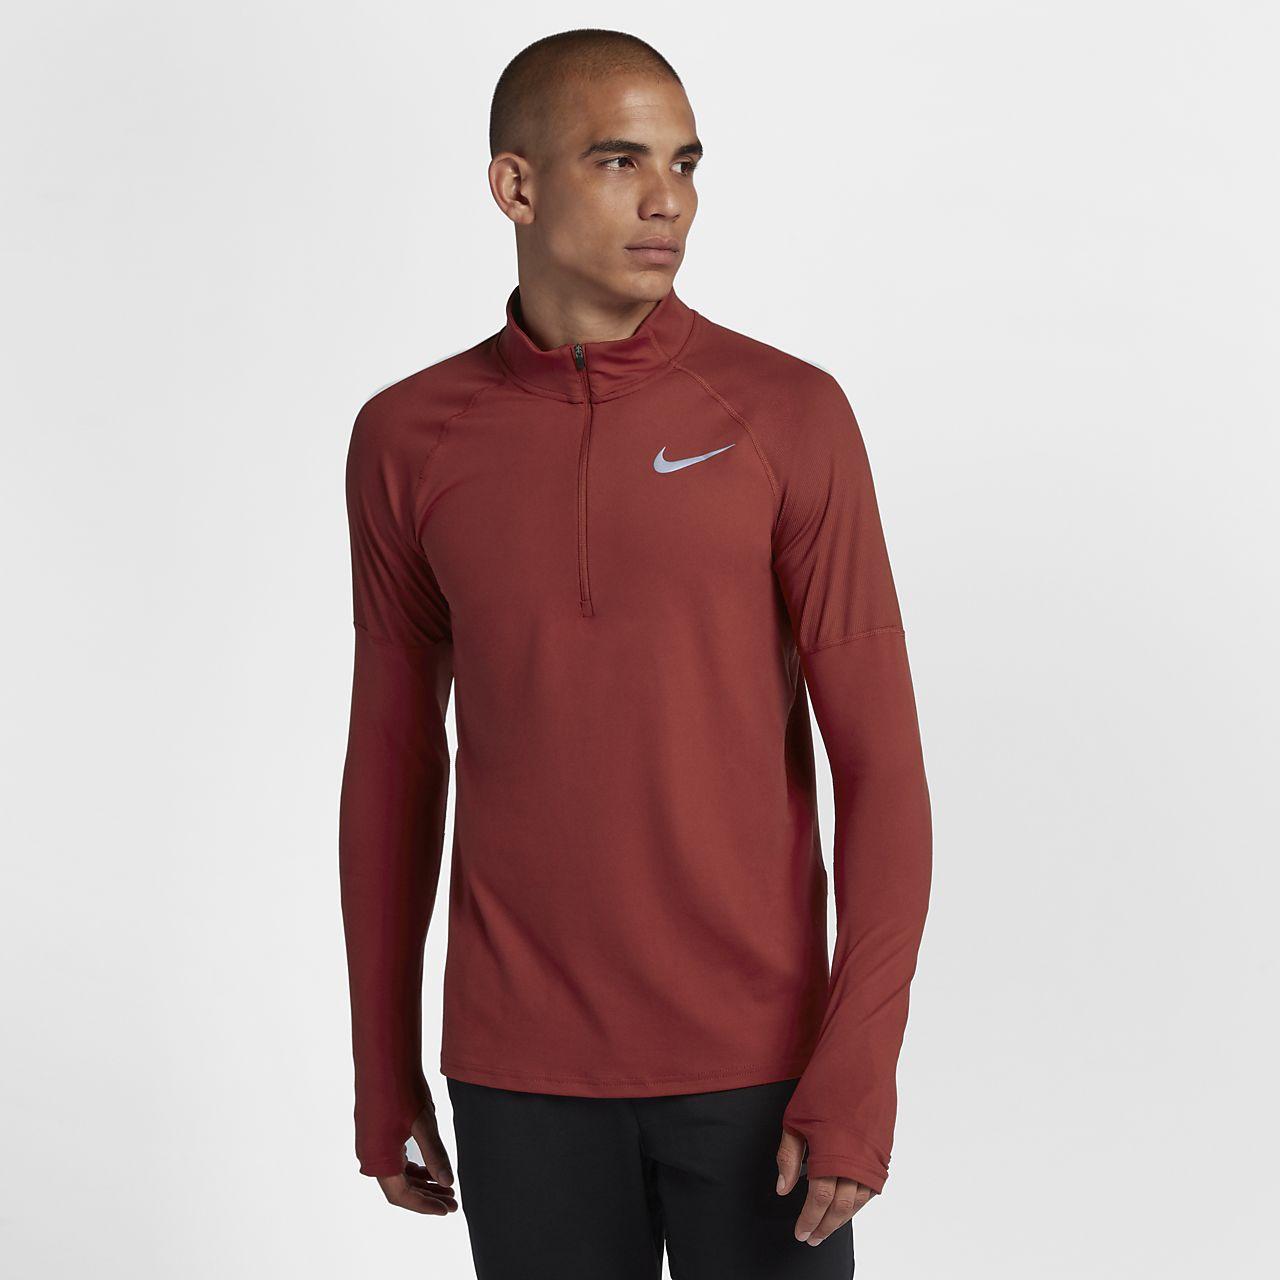 À Running Pour Homme Nike Zip Demi Be De Haut wBRcCZq5Tw